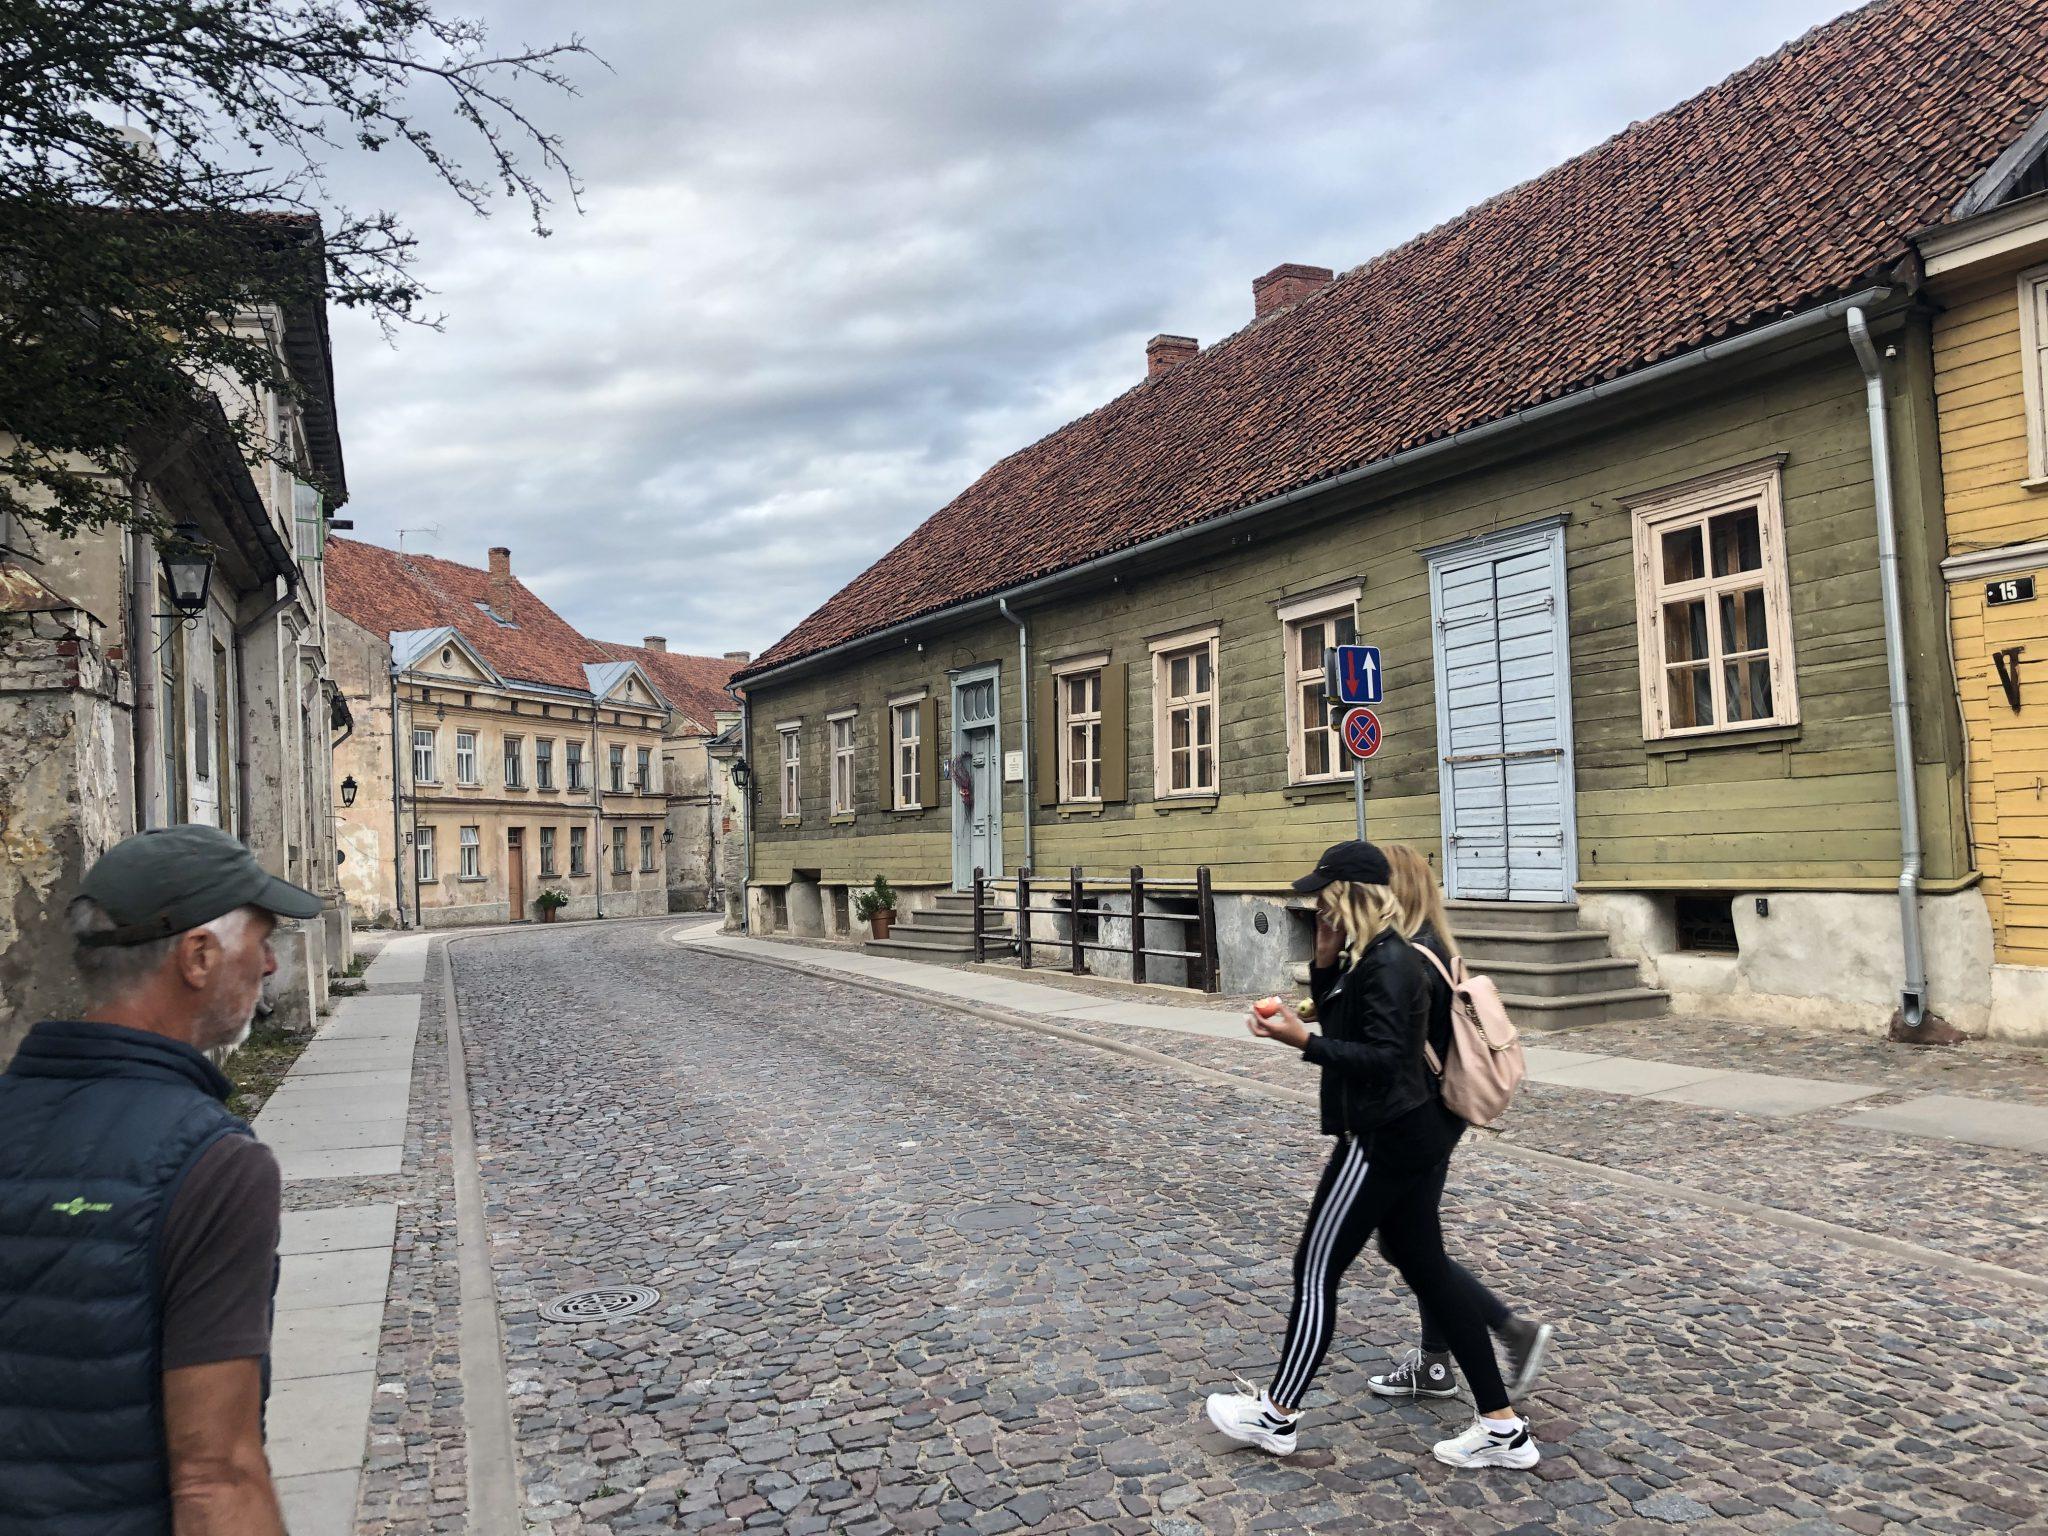 Jugendliche in den Straßen von Kuldīga, Kuldīgas pilsēta, Lettland